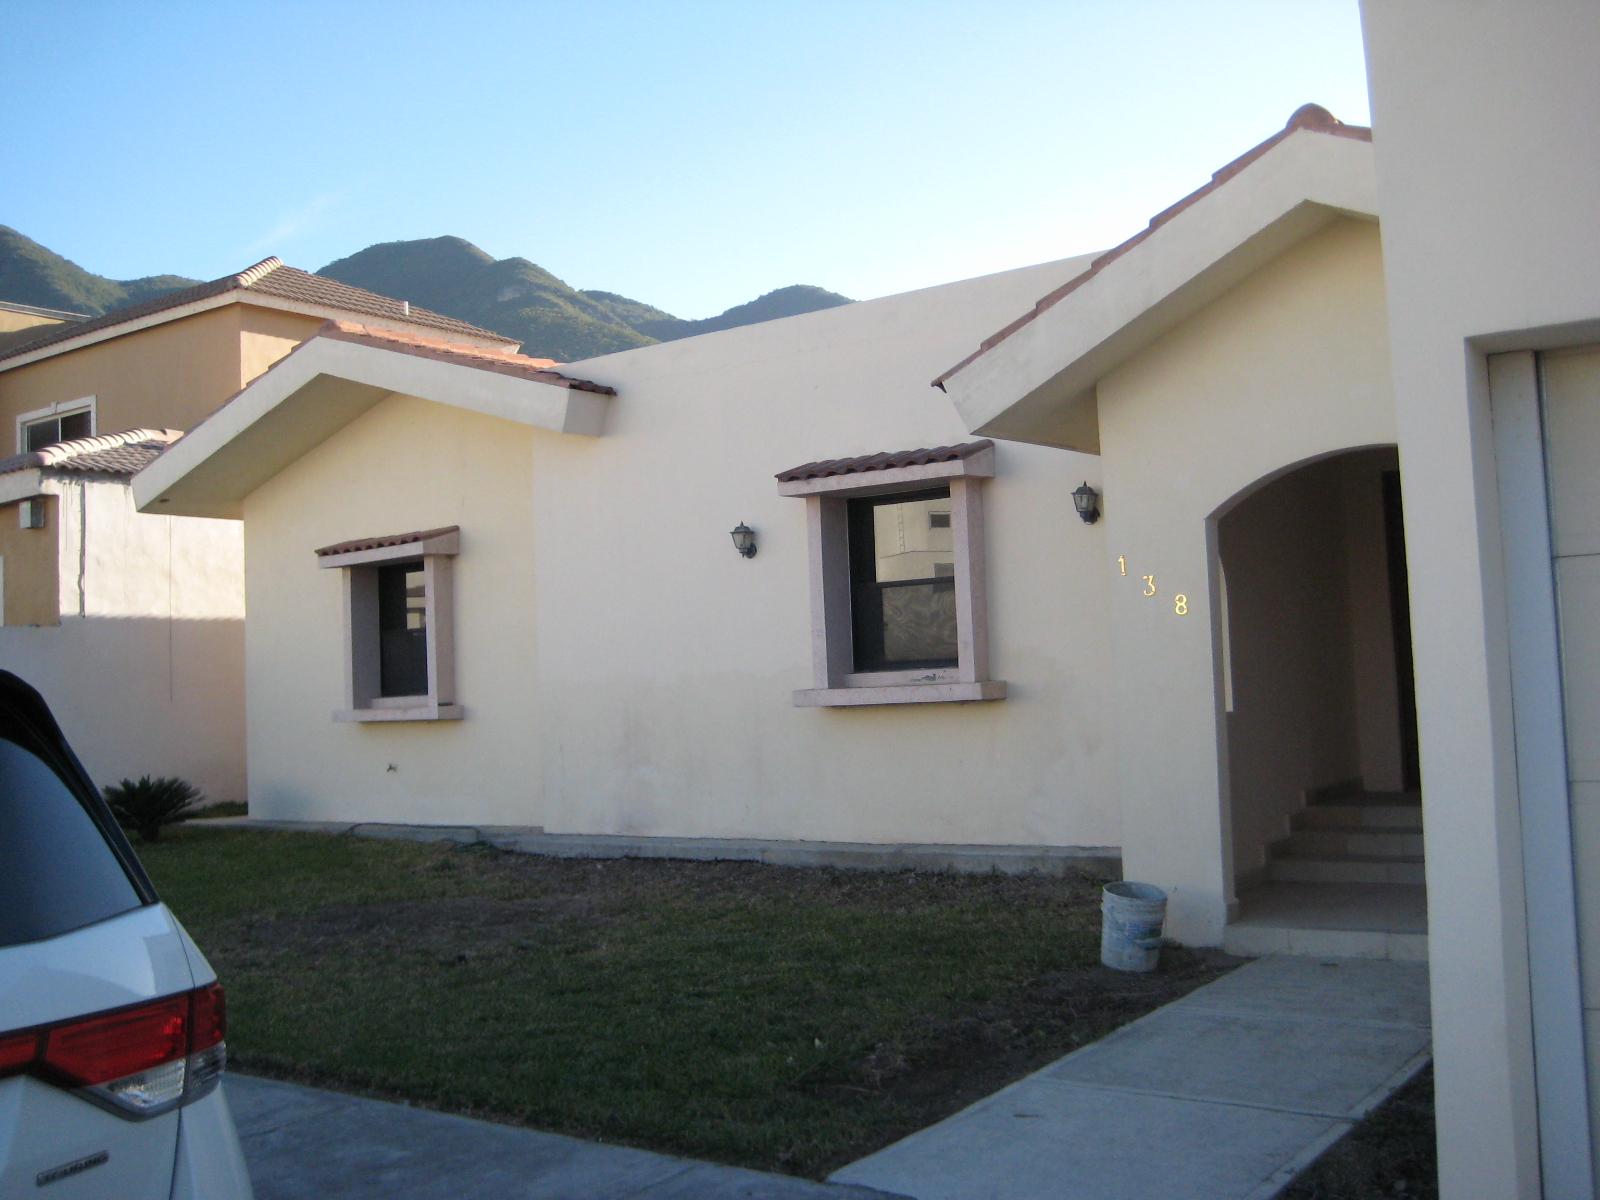 Casas y departamentos en renta en la herradura monterrey for Casas en renta monterrey